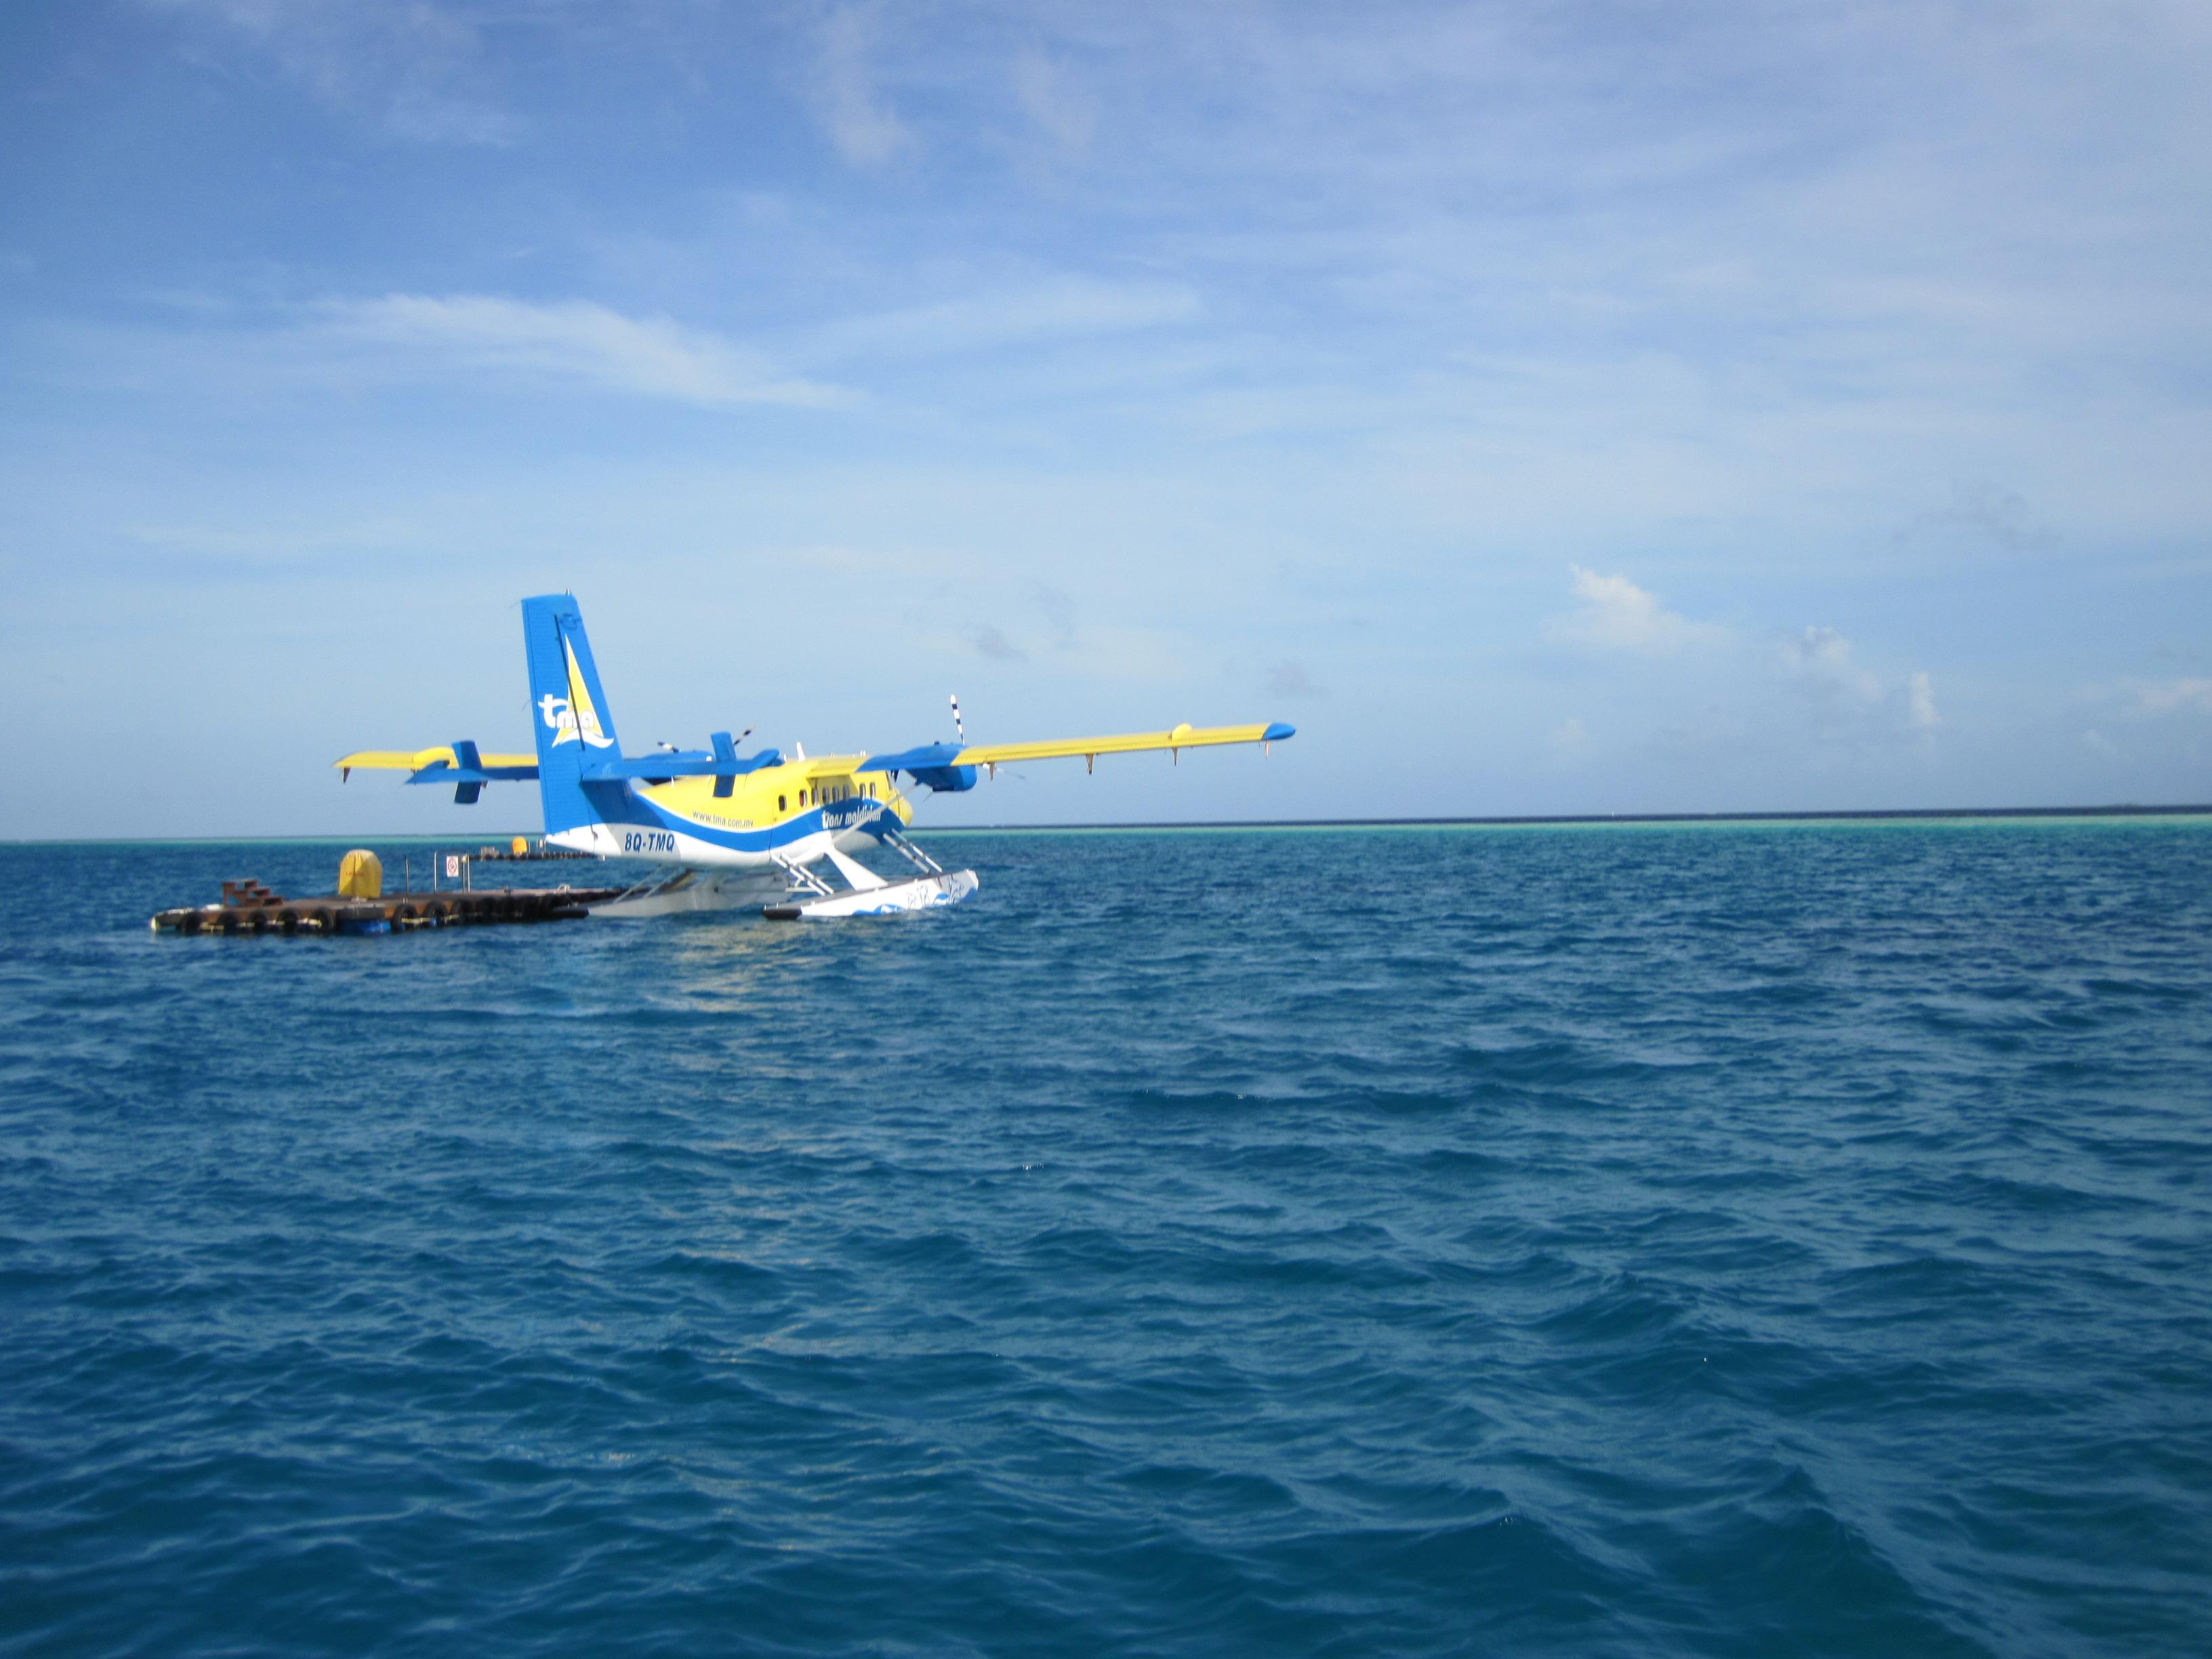 不在马尔代夫,就在去马尔代夫的飞机上